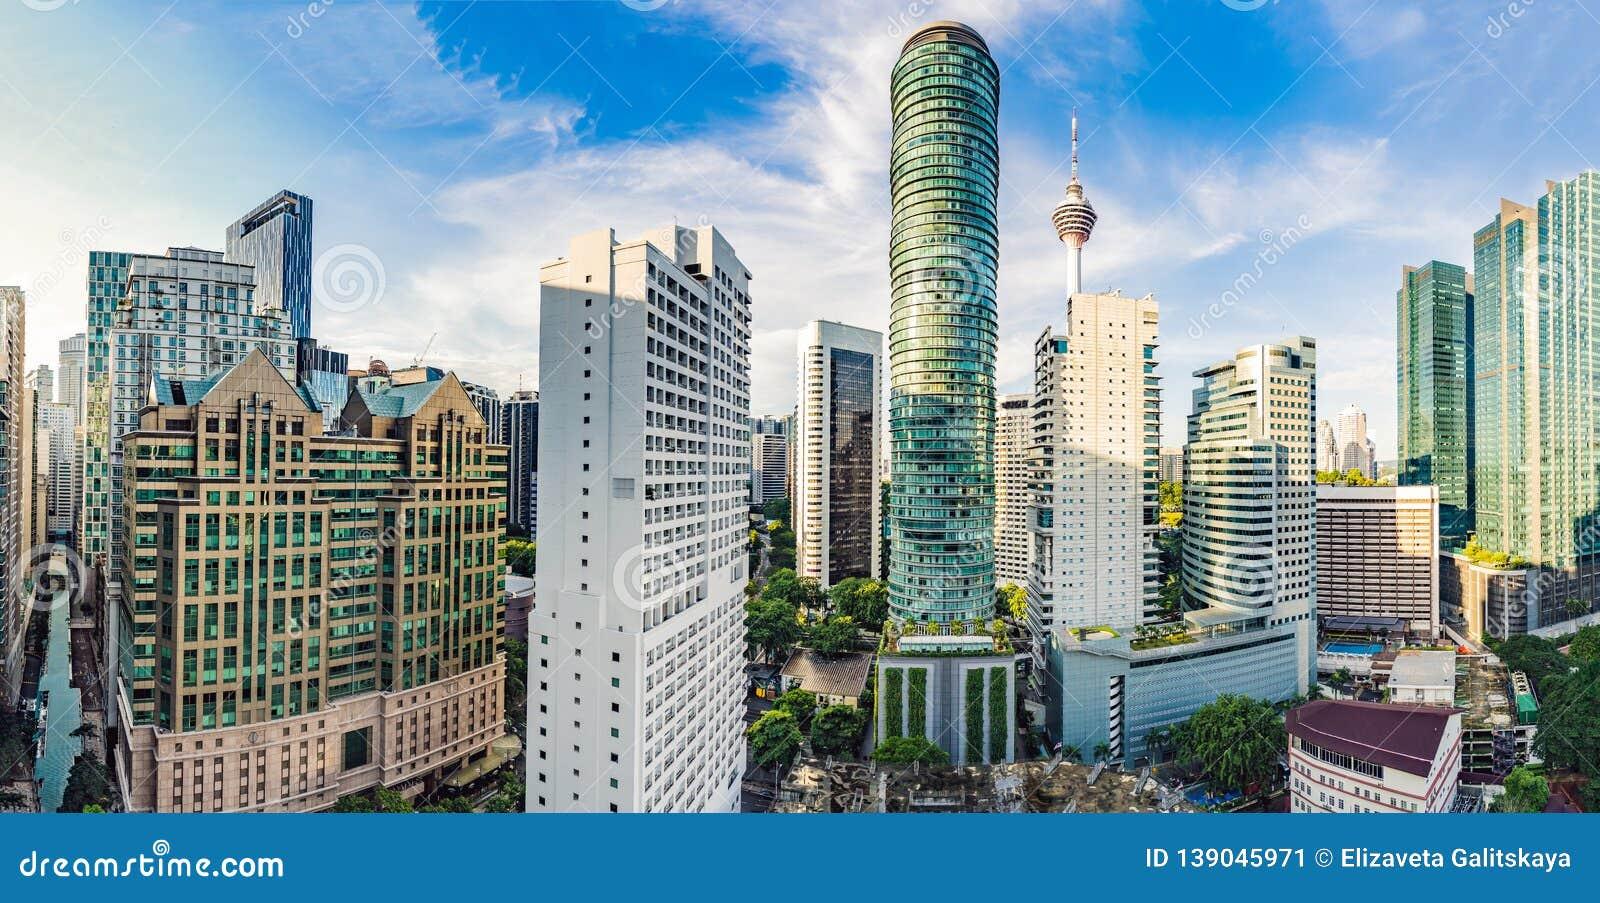 Rascacielos en Kuala Lumpur, horizonte del centro de ciudad de Malasia